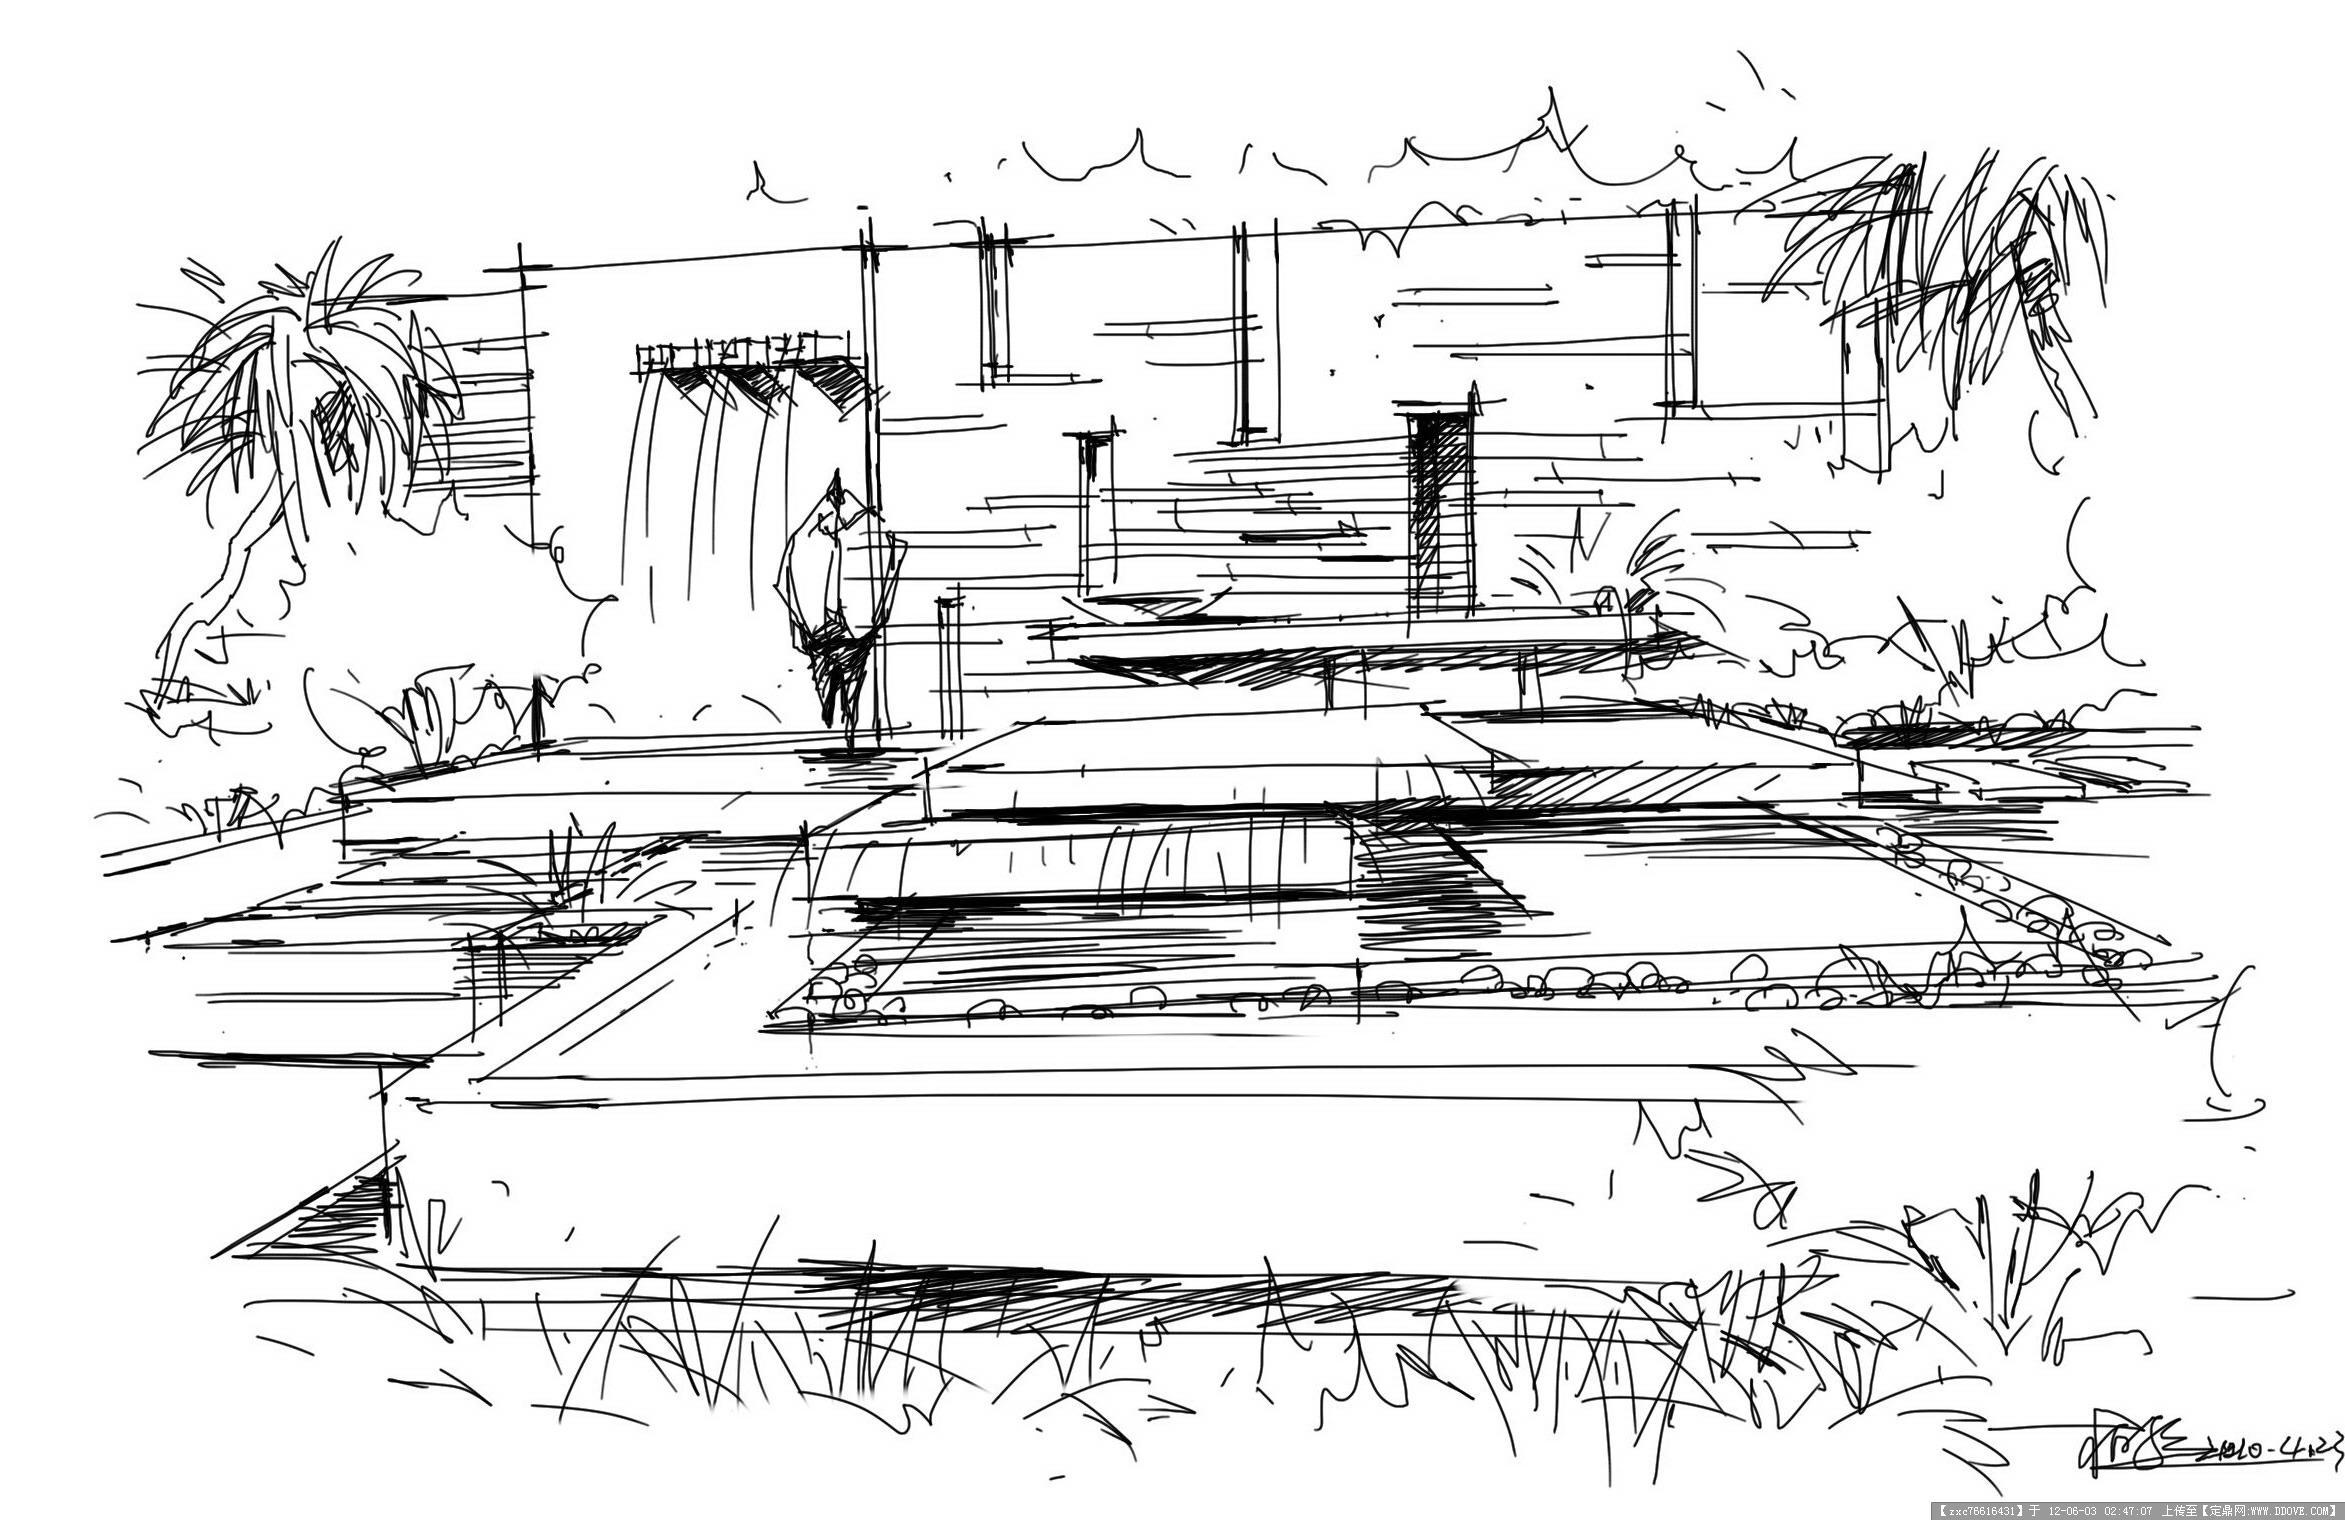 景观效果钢笔画几张-大图的图片浏览,园林效果图,手绘